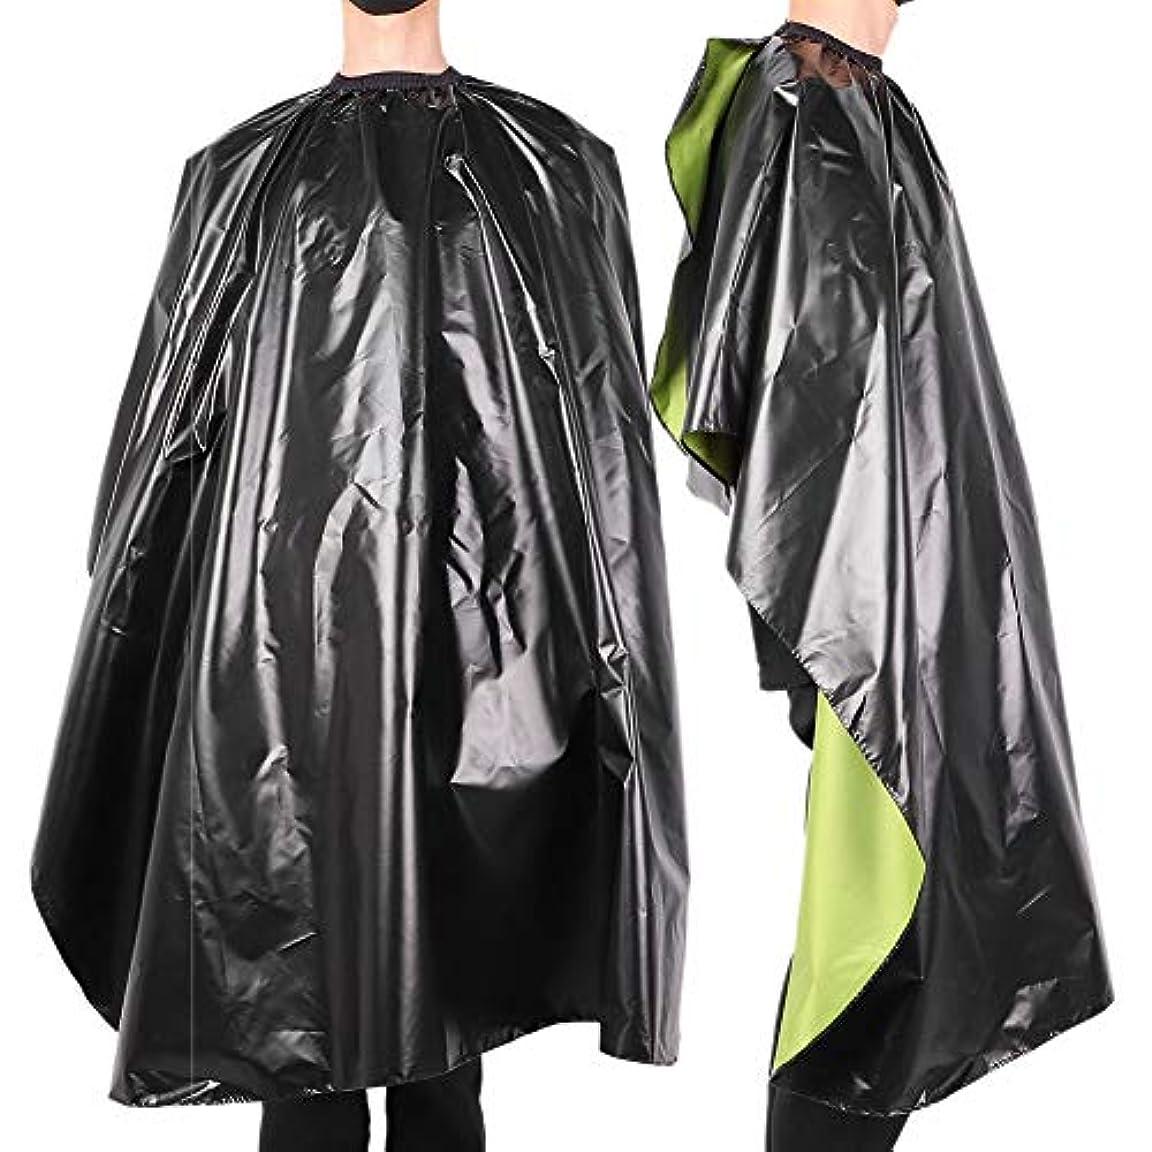 処理オークション指定する防水 調整可能 サロン 散髪 ヘアスタイリングケープ-ガ ウン大人の理髪理髪師 ラップエプロン